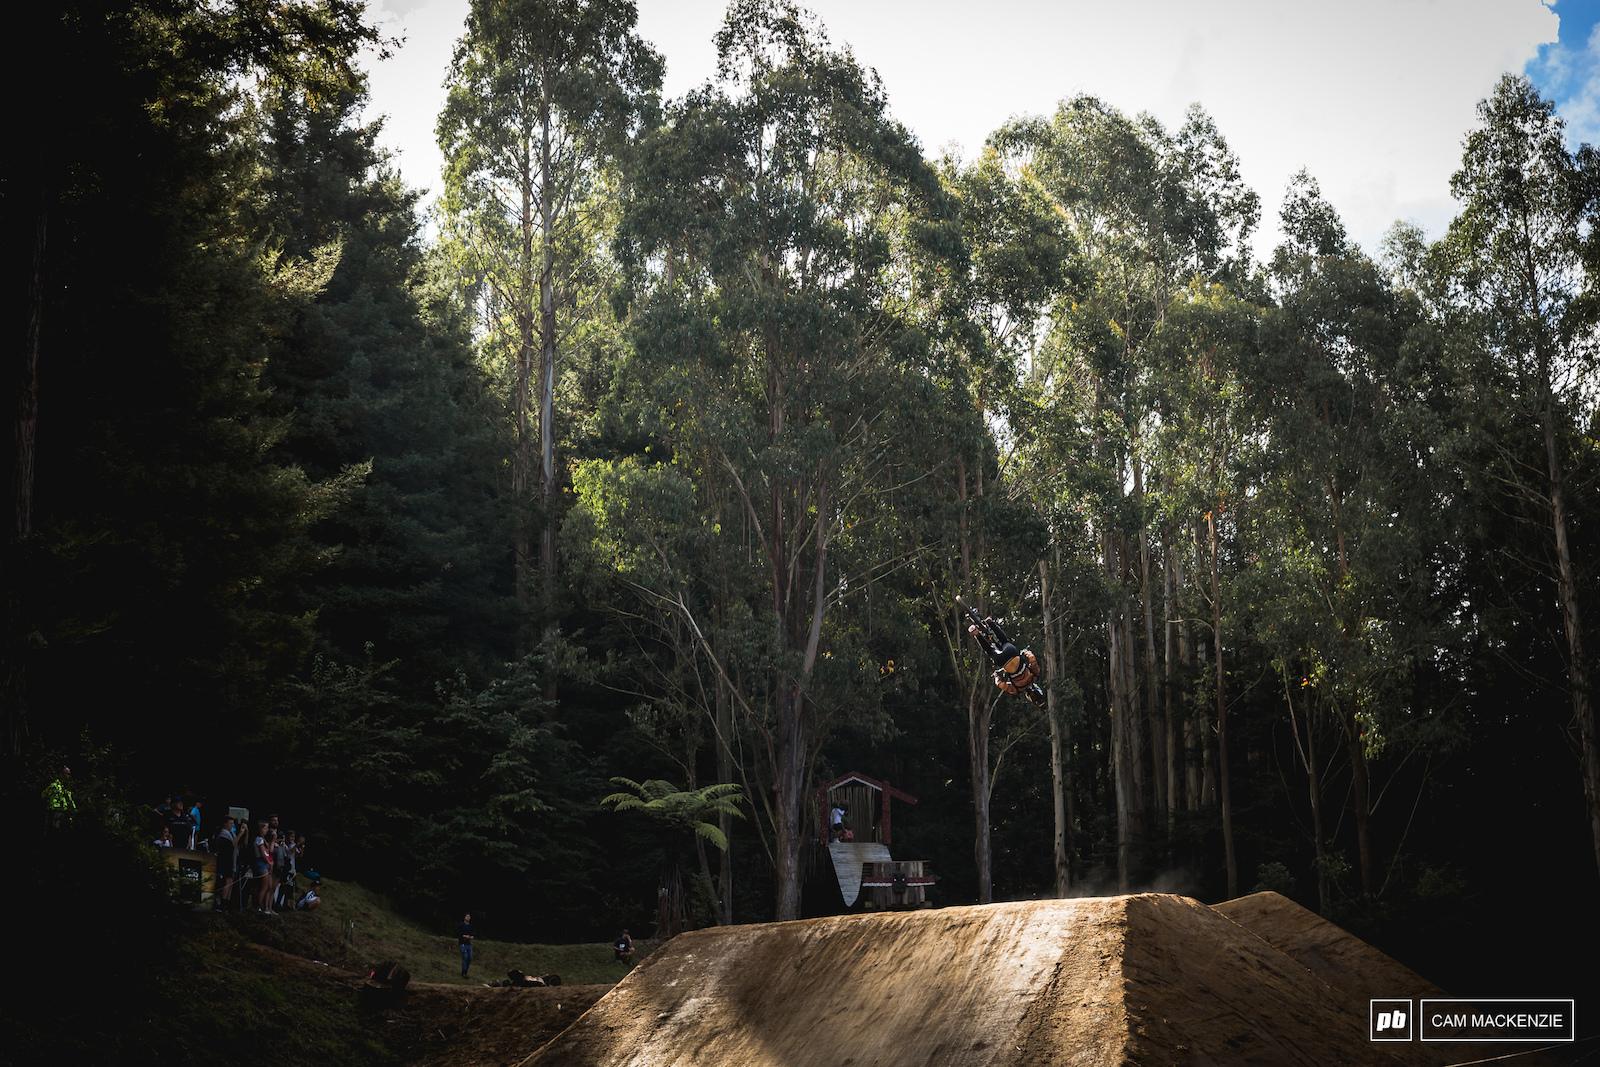 Crankworx Rotorua Slopestyle 2018